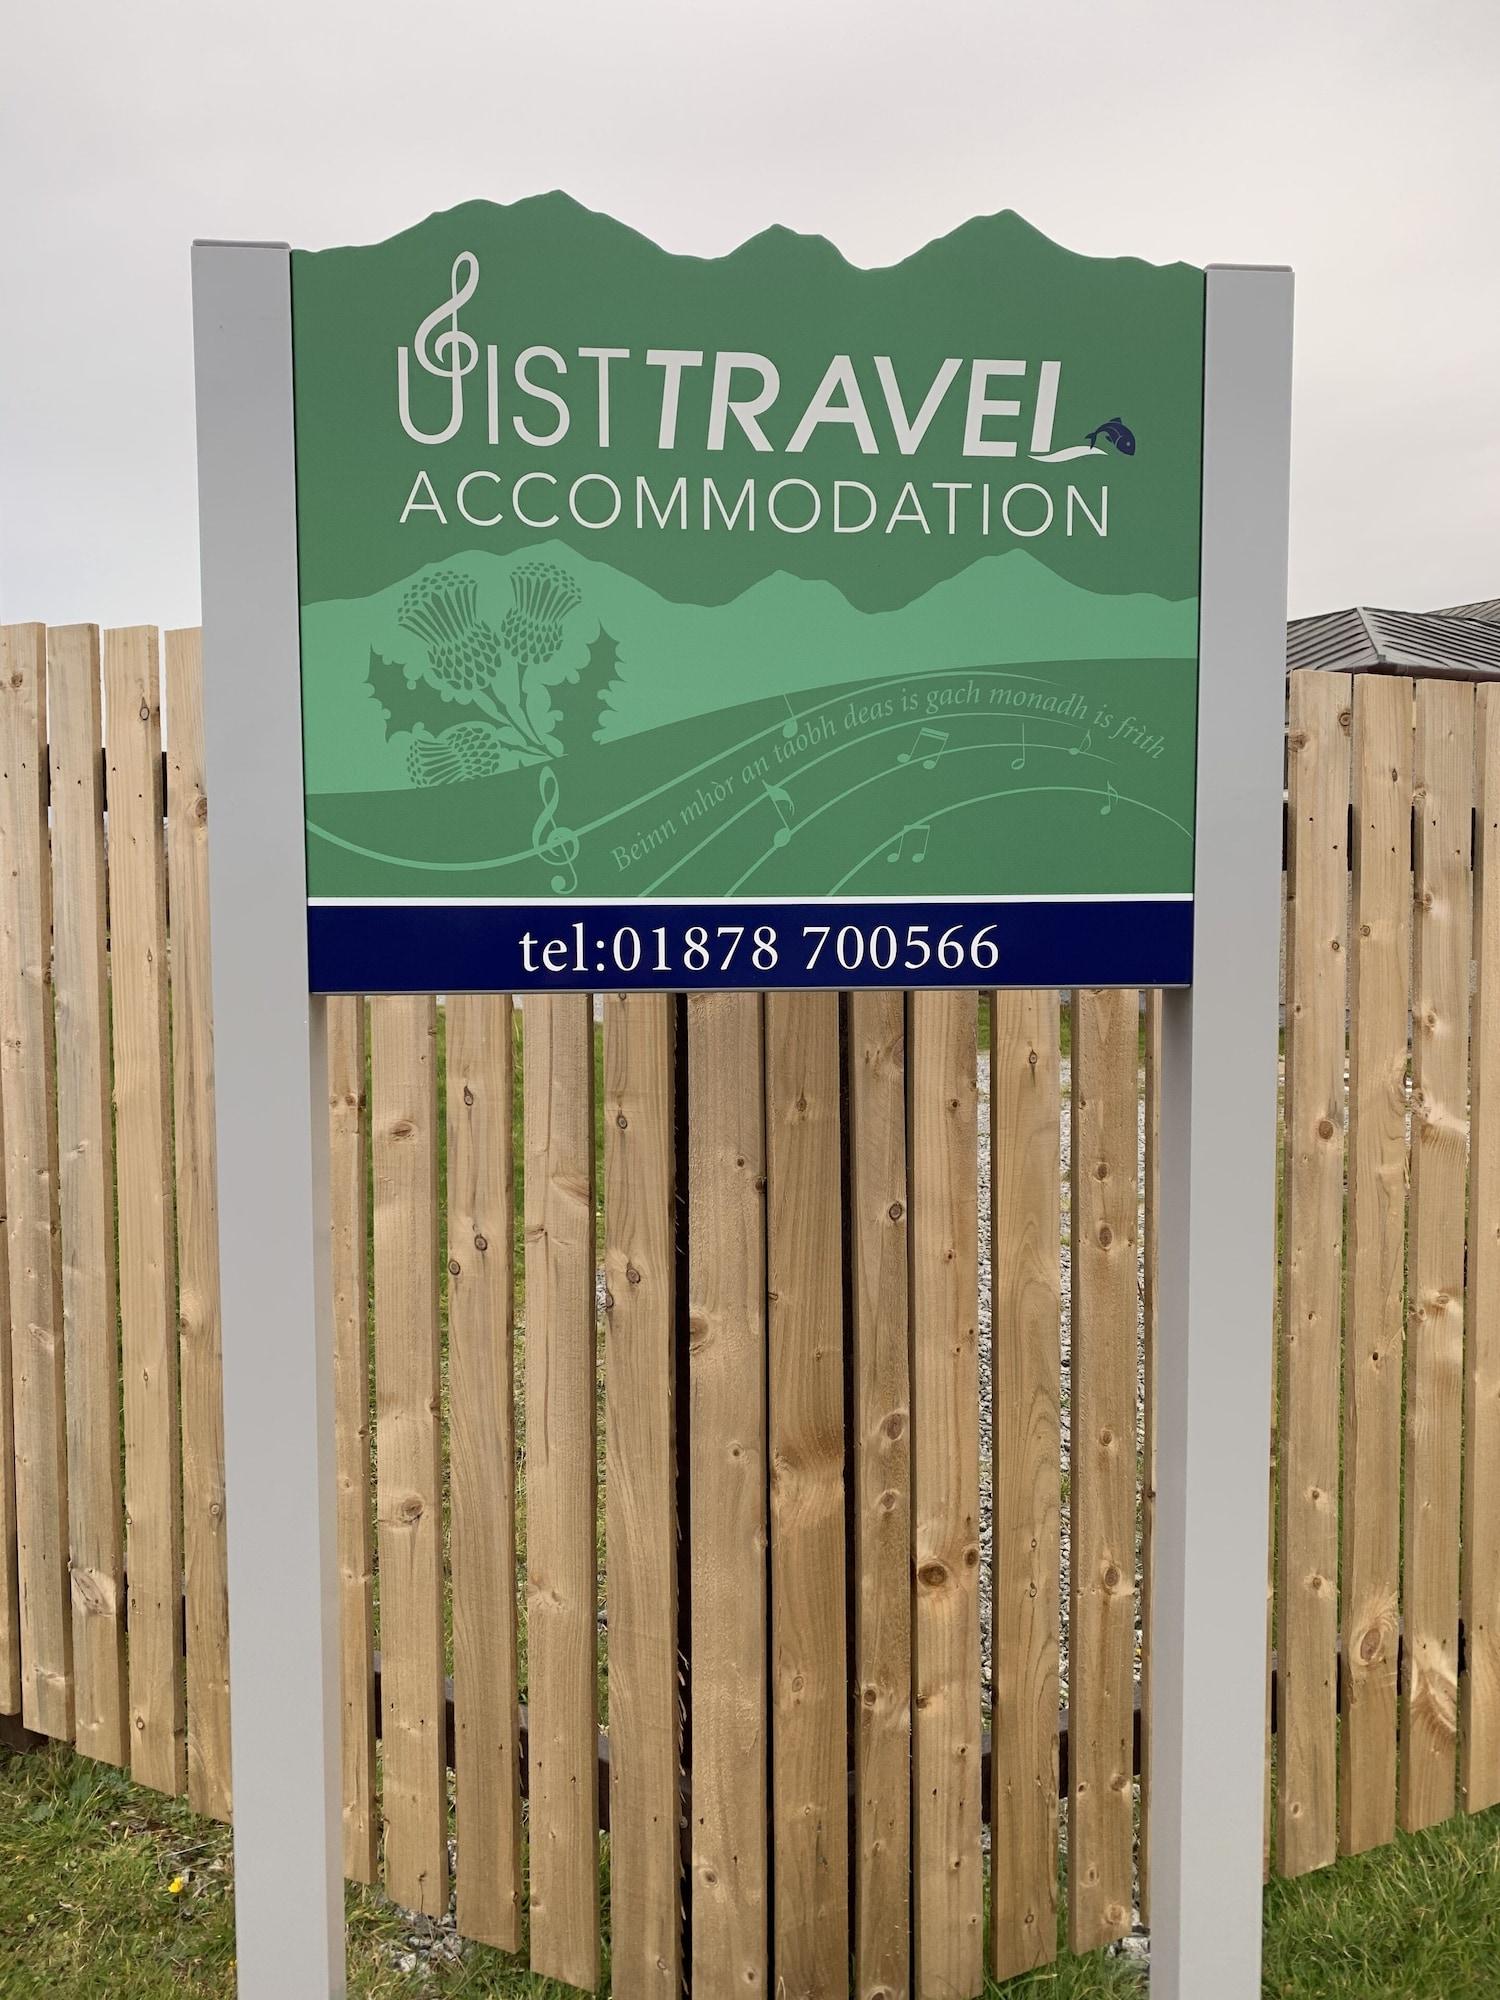 UIST Travel Accommodation, Eilean Siar